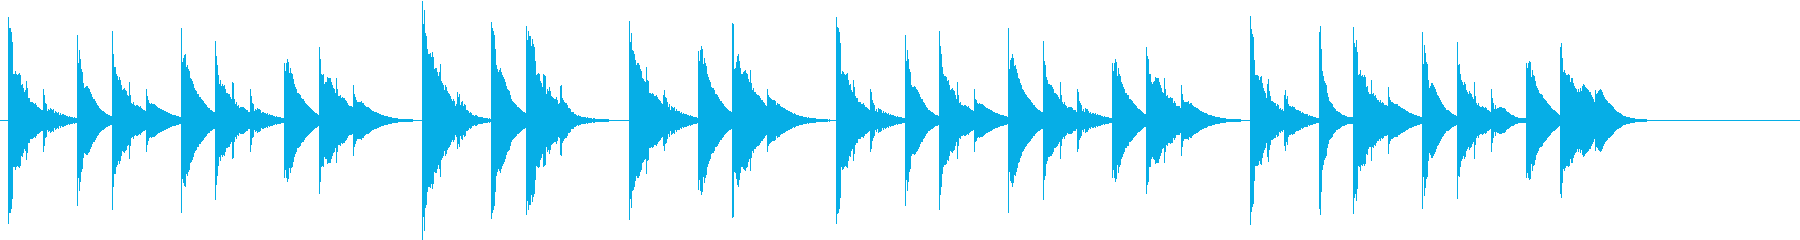 木琴の音色で作ったほのぼのとした曲の再生済みの波形